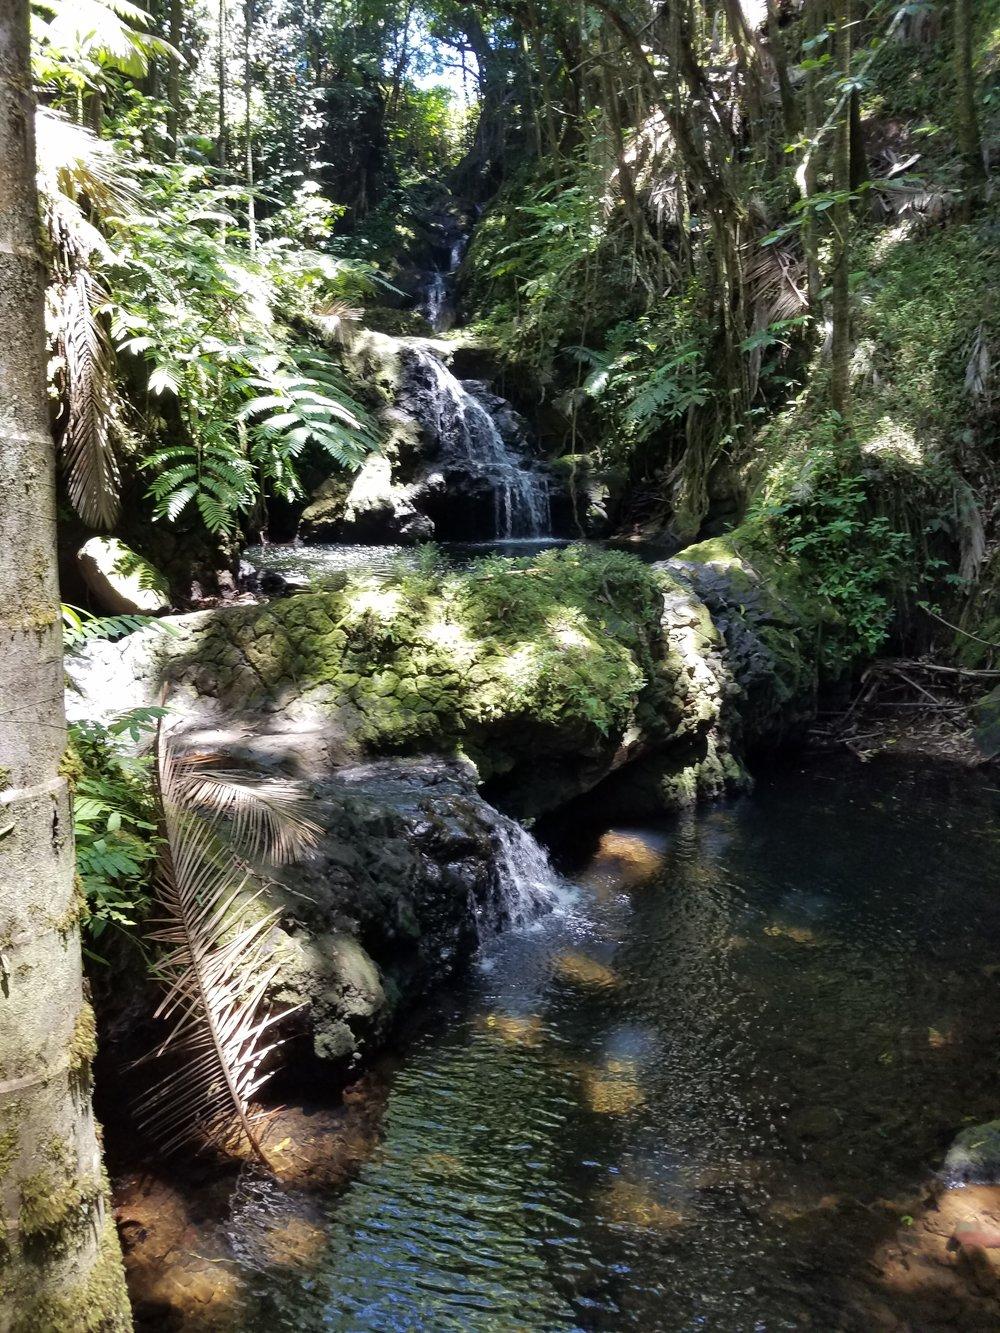 At the Hawaii Tropical Botanical Garden -